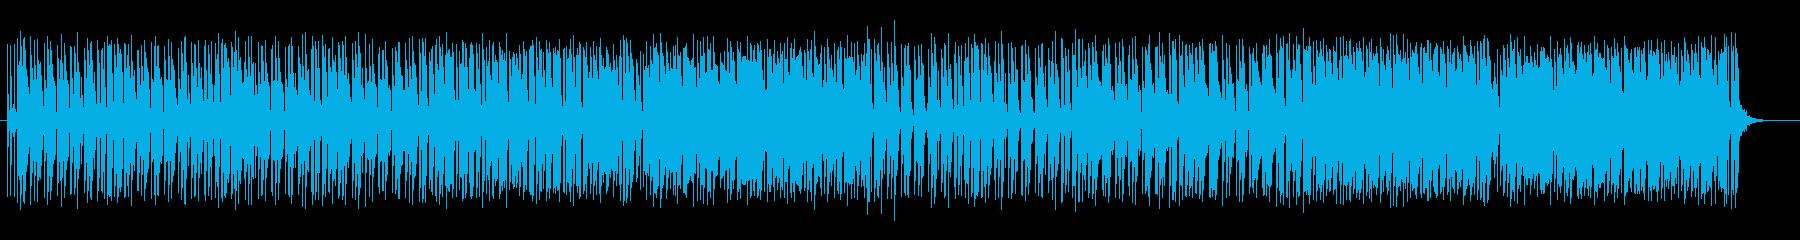 可愛いアップテンポのシンセサイザーの曲の再生済みの波形